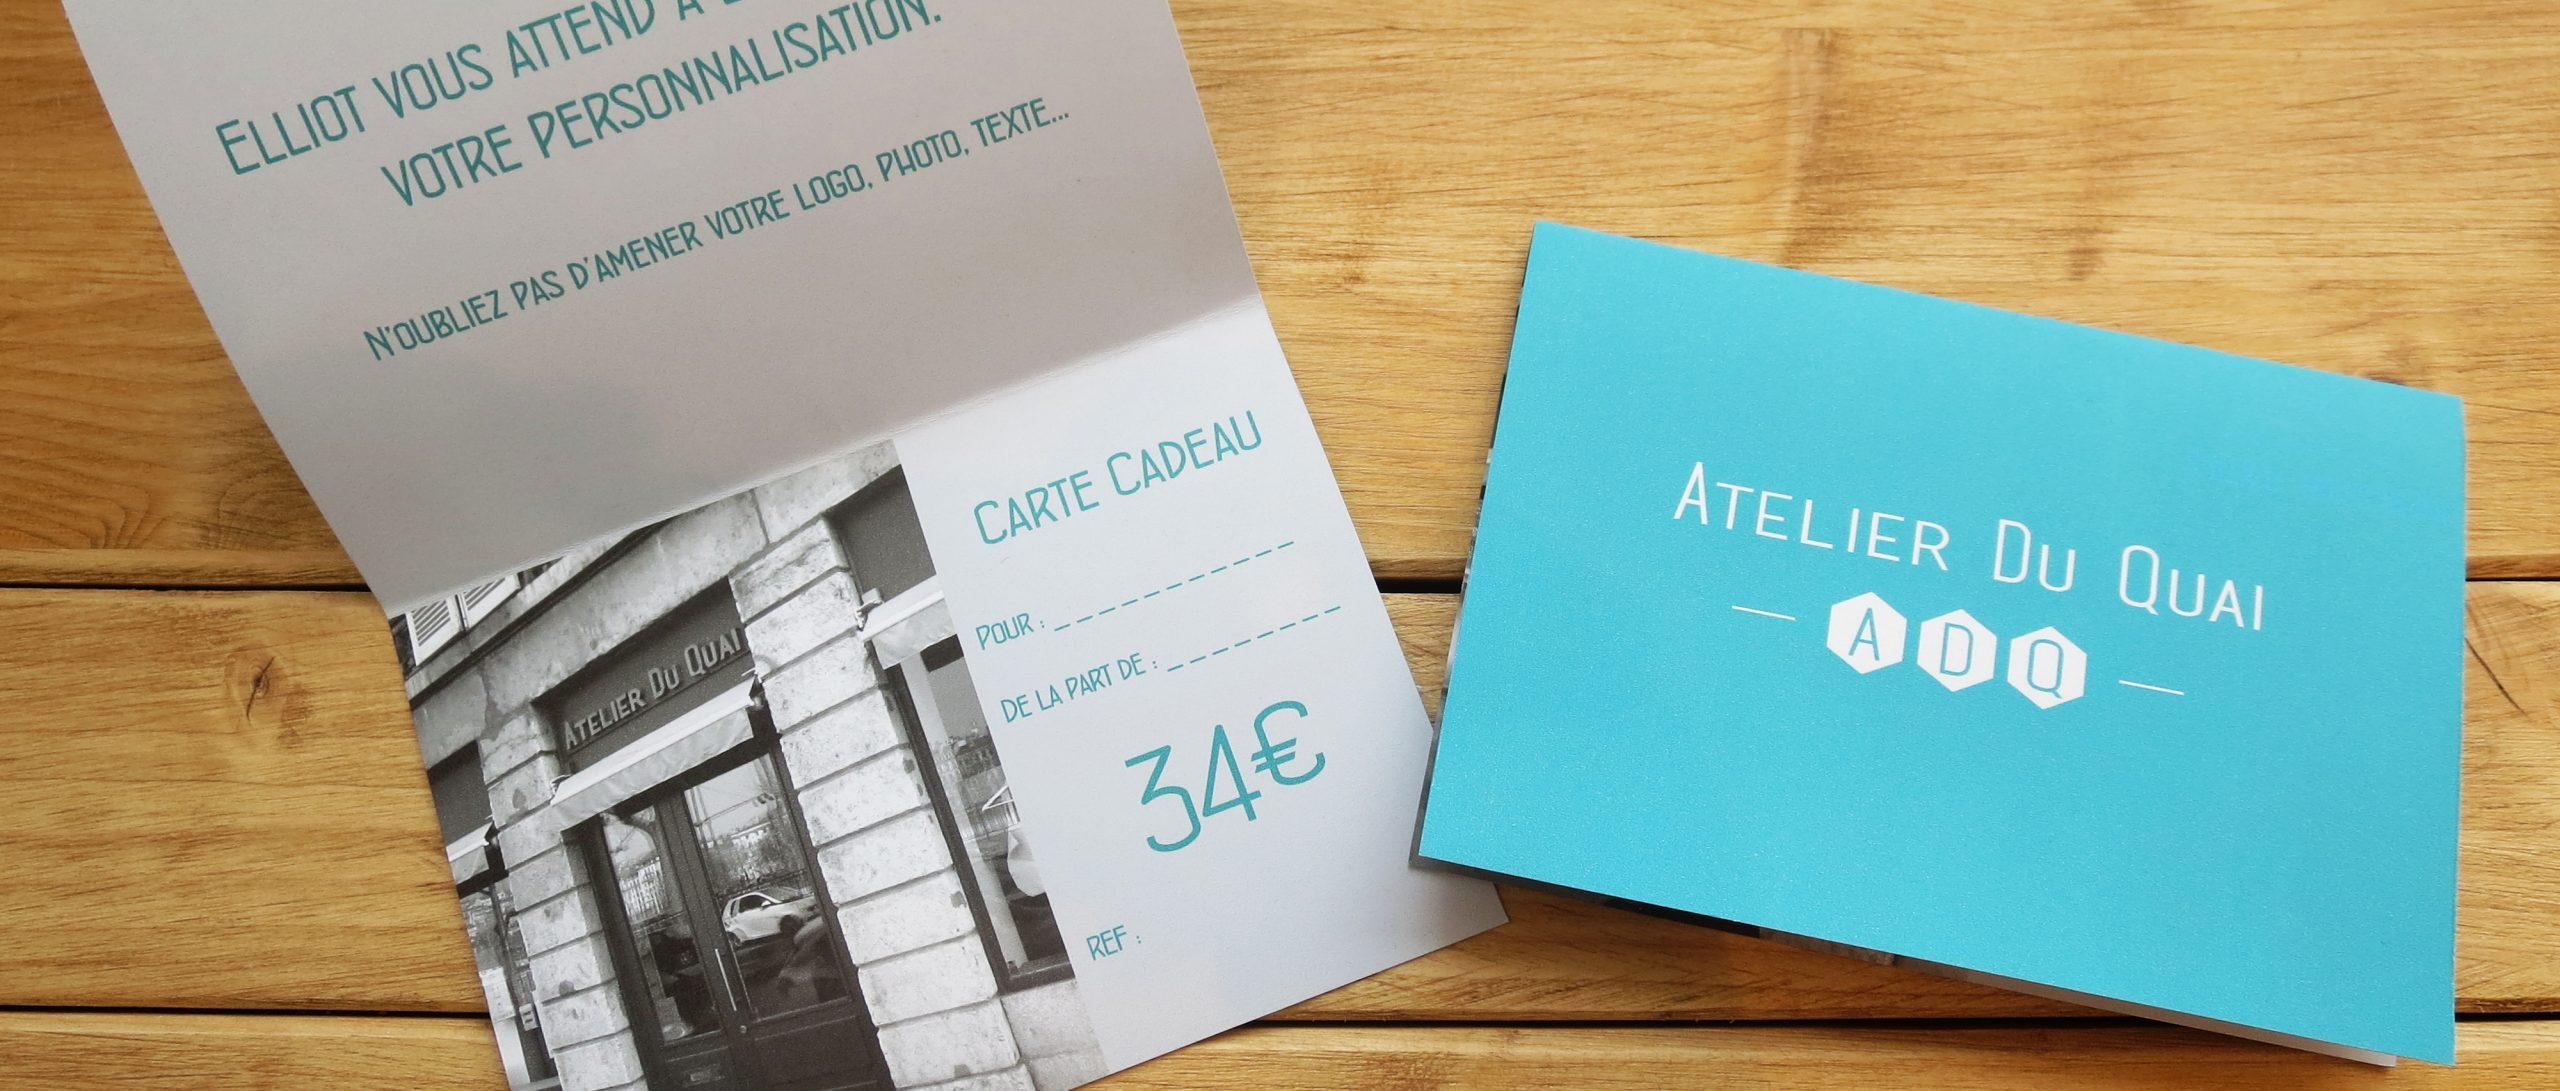 Cartes cadeaux Atelier du Quai - Atelier du Quai